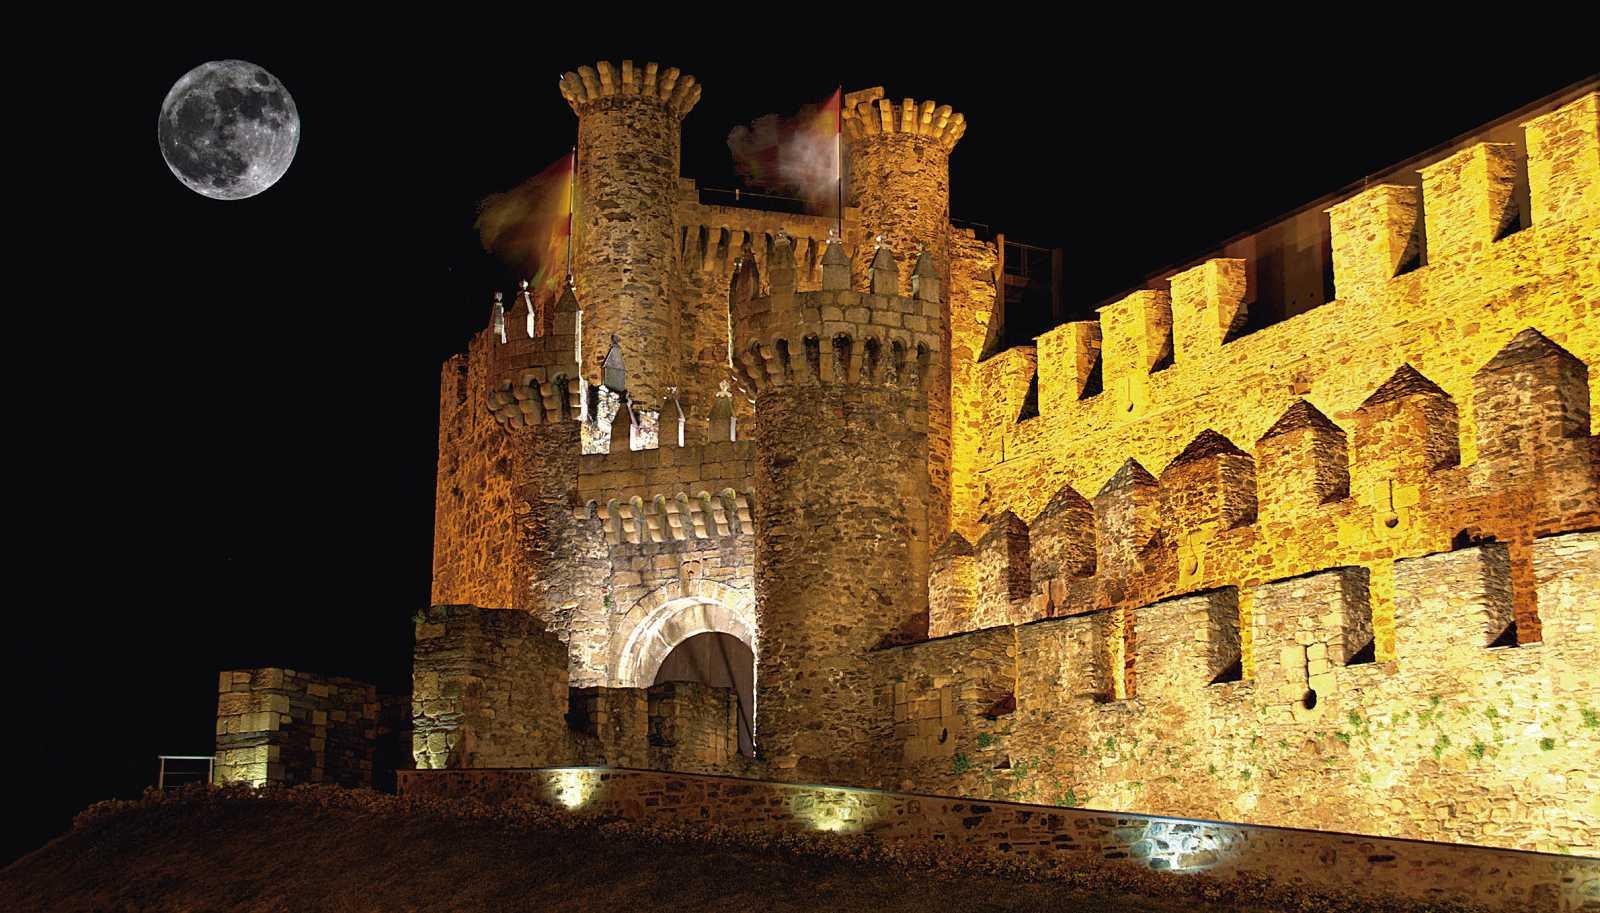 Artesfera - Guía de la España histórica, legendaria y misteriosa - 09/01/18 - Escuchar ahora